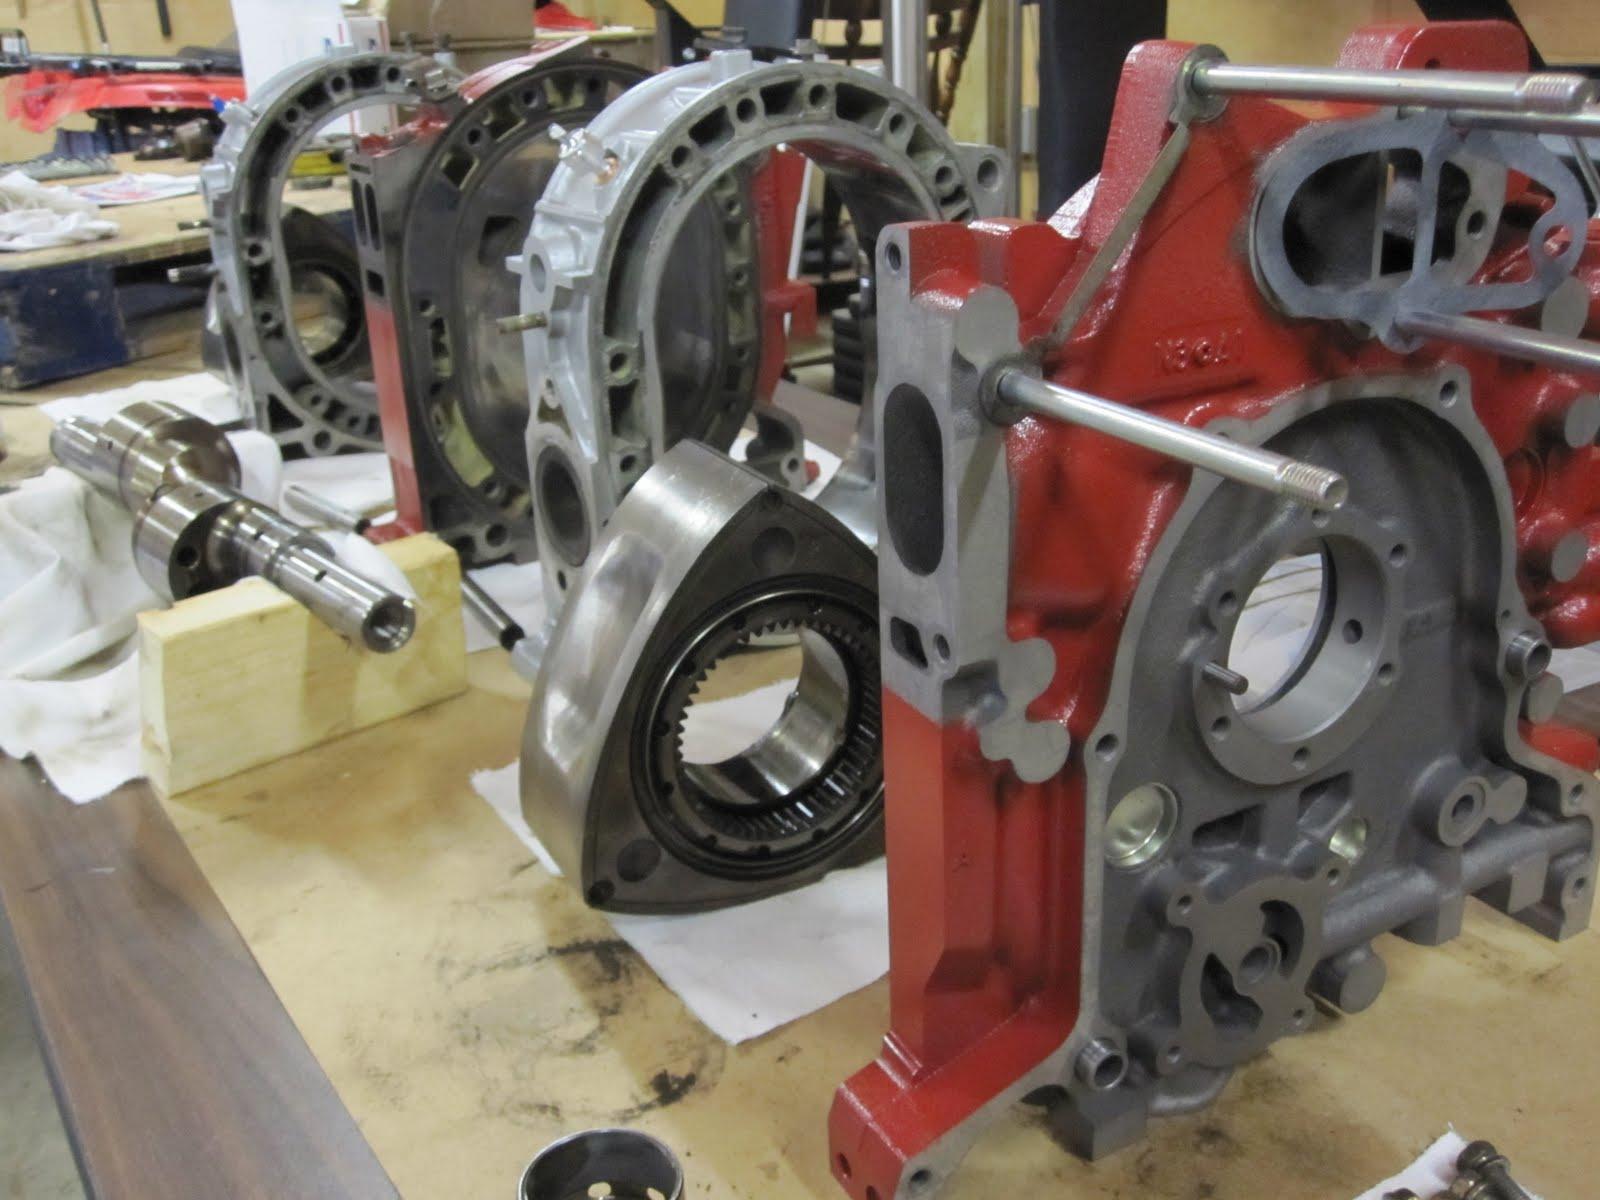 1993 Mazda Rx7 Rotary Engine Rebuild Part 2 Rx 7 Wiring Schematic